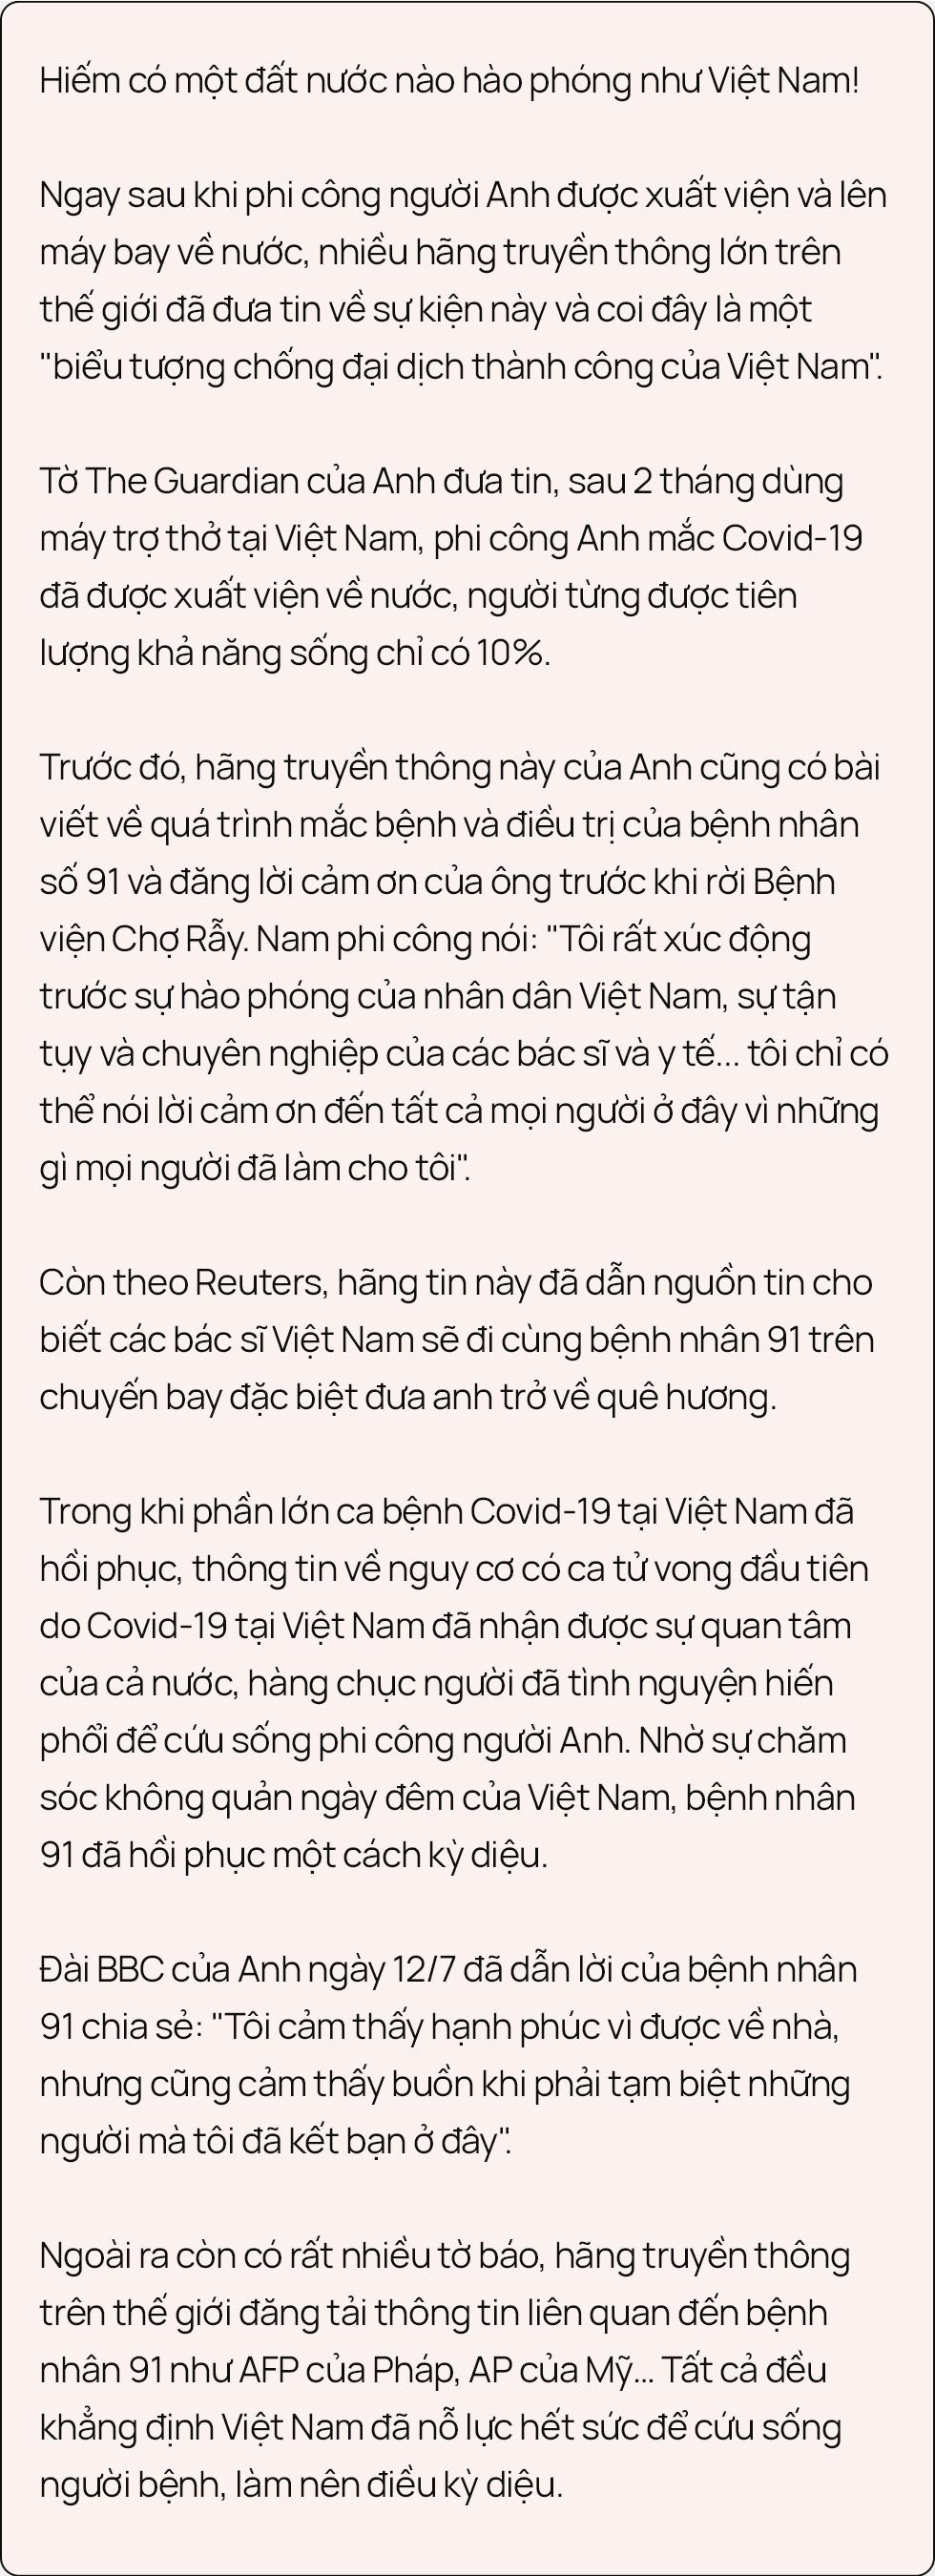 """Ký ức 116 ngày làm nên kỳ tích của nền y học Việt Nam, đưa bệnh nhân 91 nhiễm Covid-19 từ cõi chết trở về: """"Đó là điều đặc biệt nhất trong cuộc đời bác sĩ của chúng tôi"""" - Ảnh 22."""